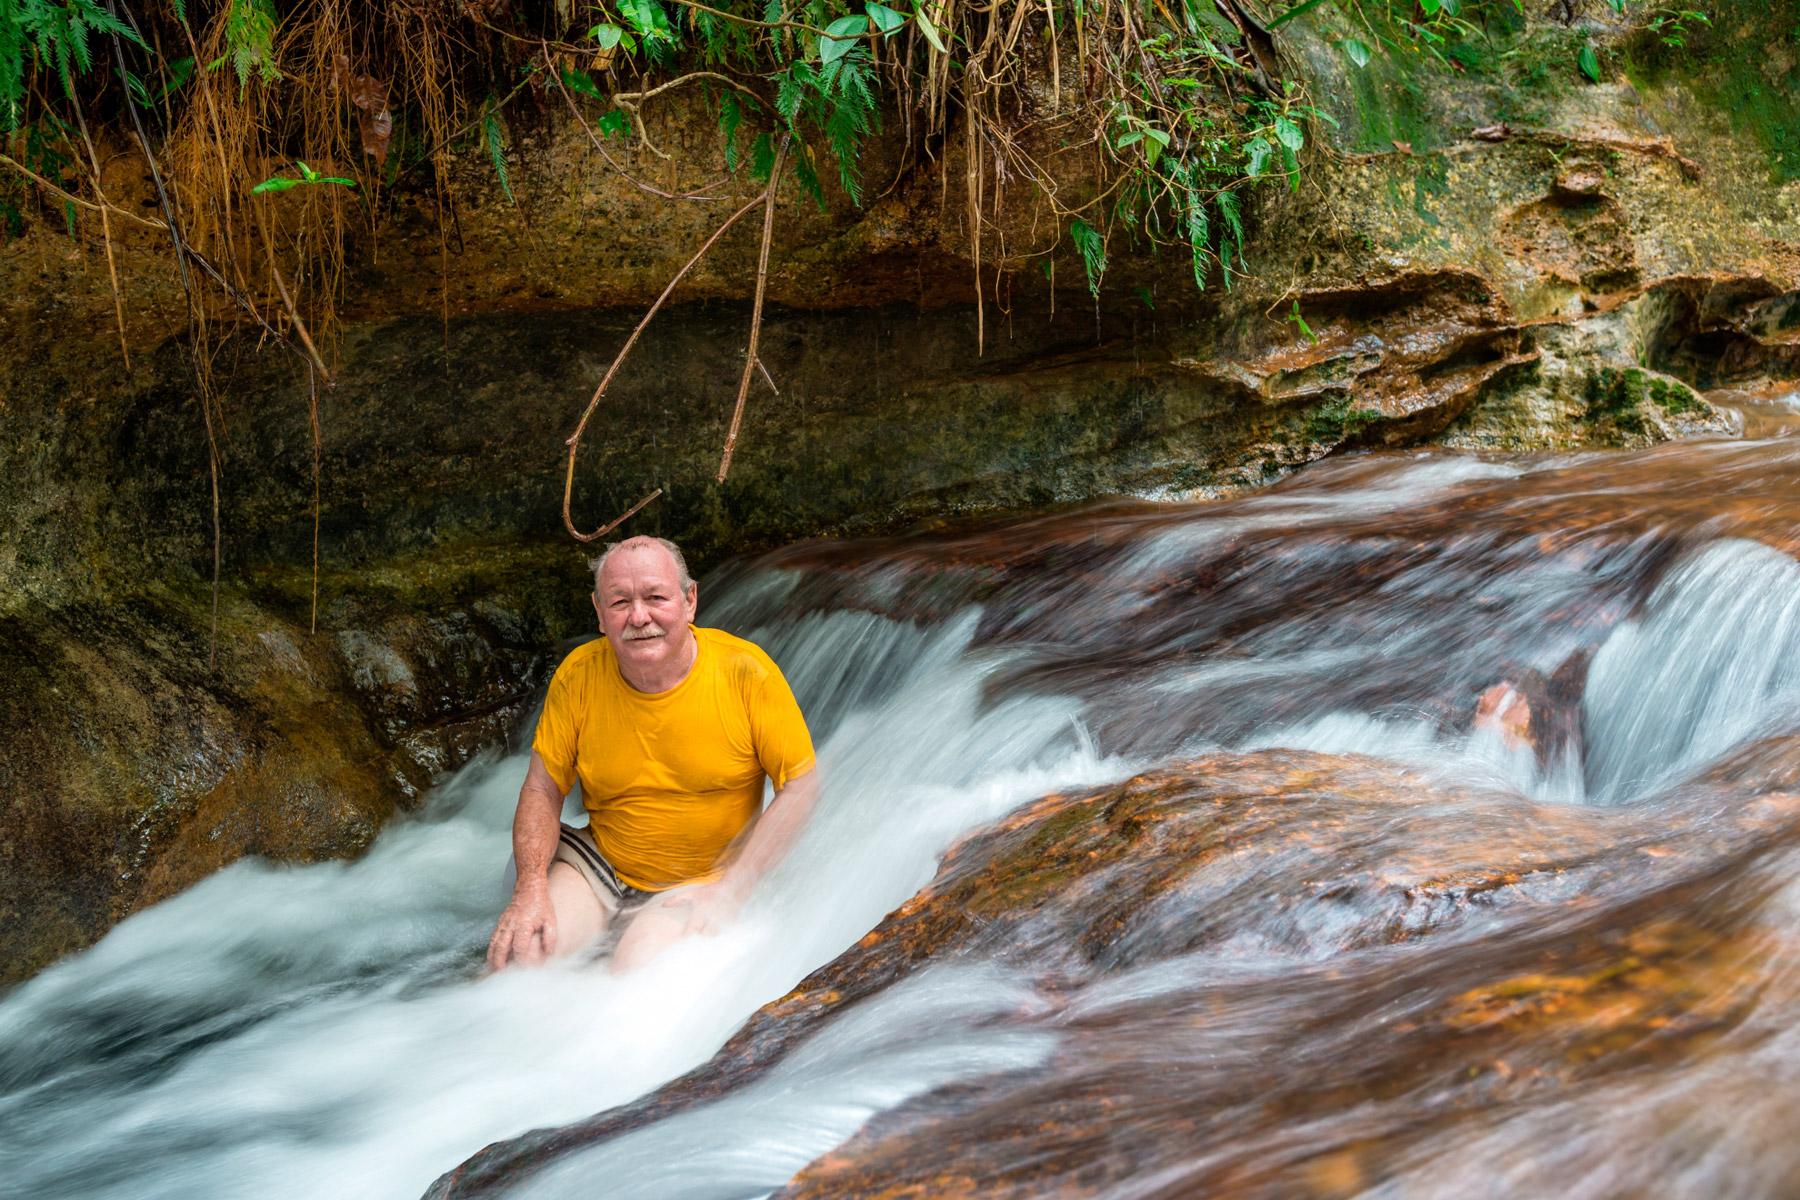 Infocase Colombia consideraciones para hacer turismo de aventura